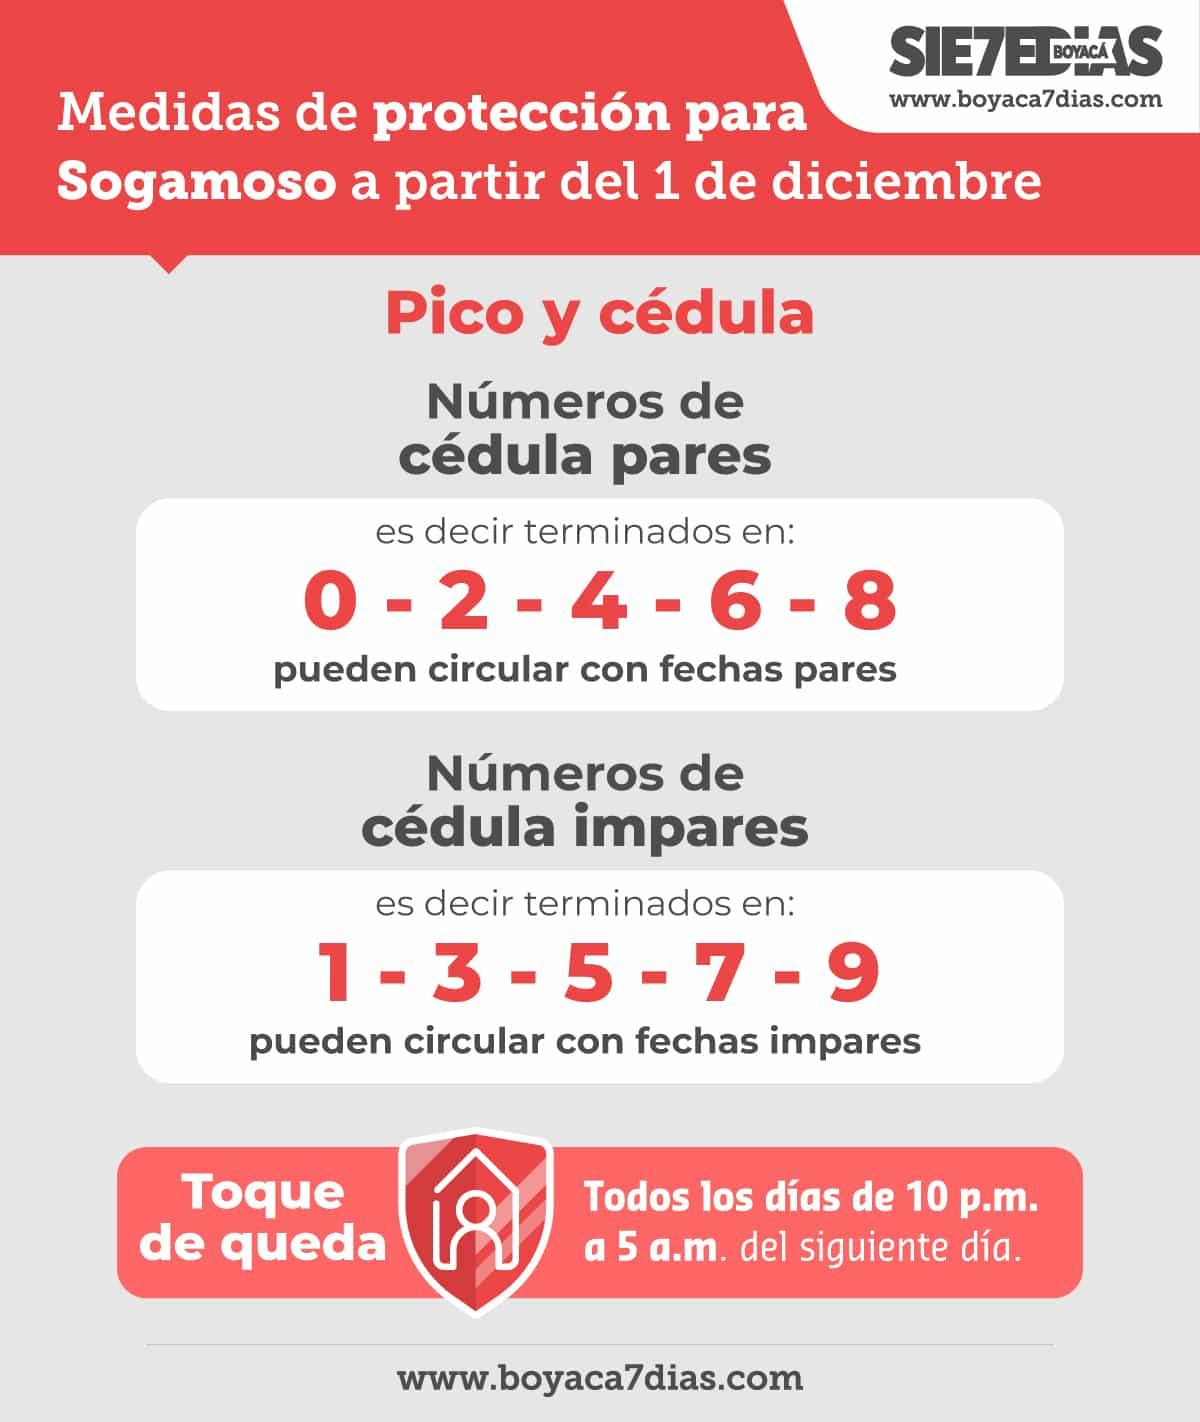 Medidas por COVID en Sogamoso durante diciembre y parte de enero #Tolditos7días 1